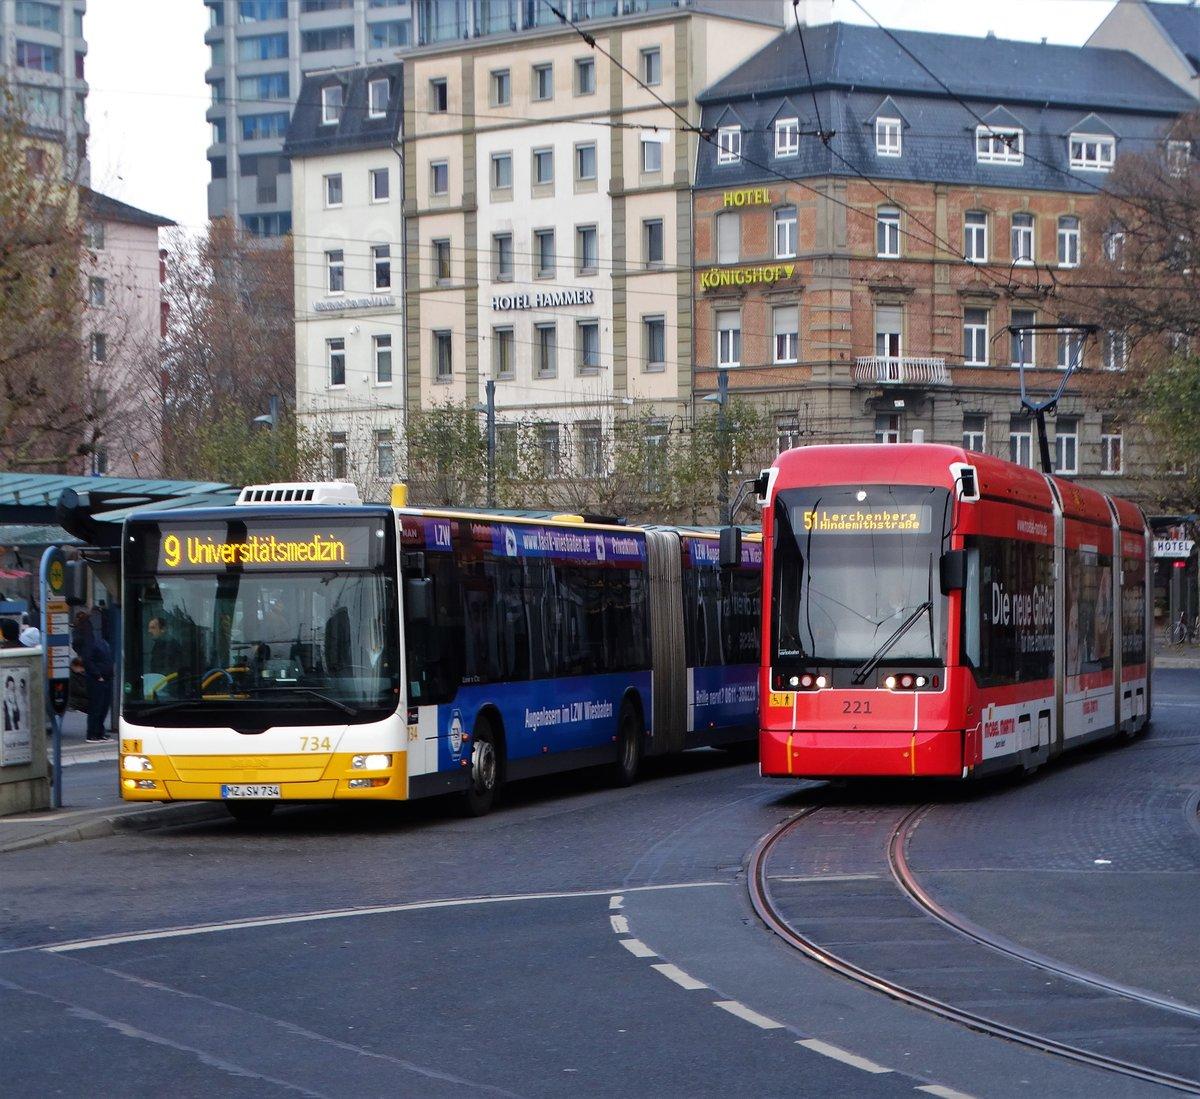 Bus Trifft Bahn Mvg Man Lions City G Wagen 734 Und Stadler